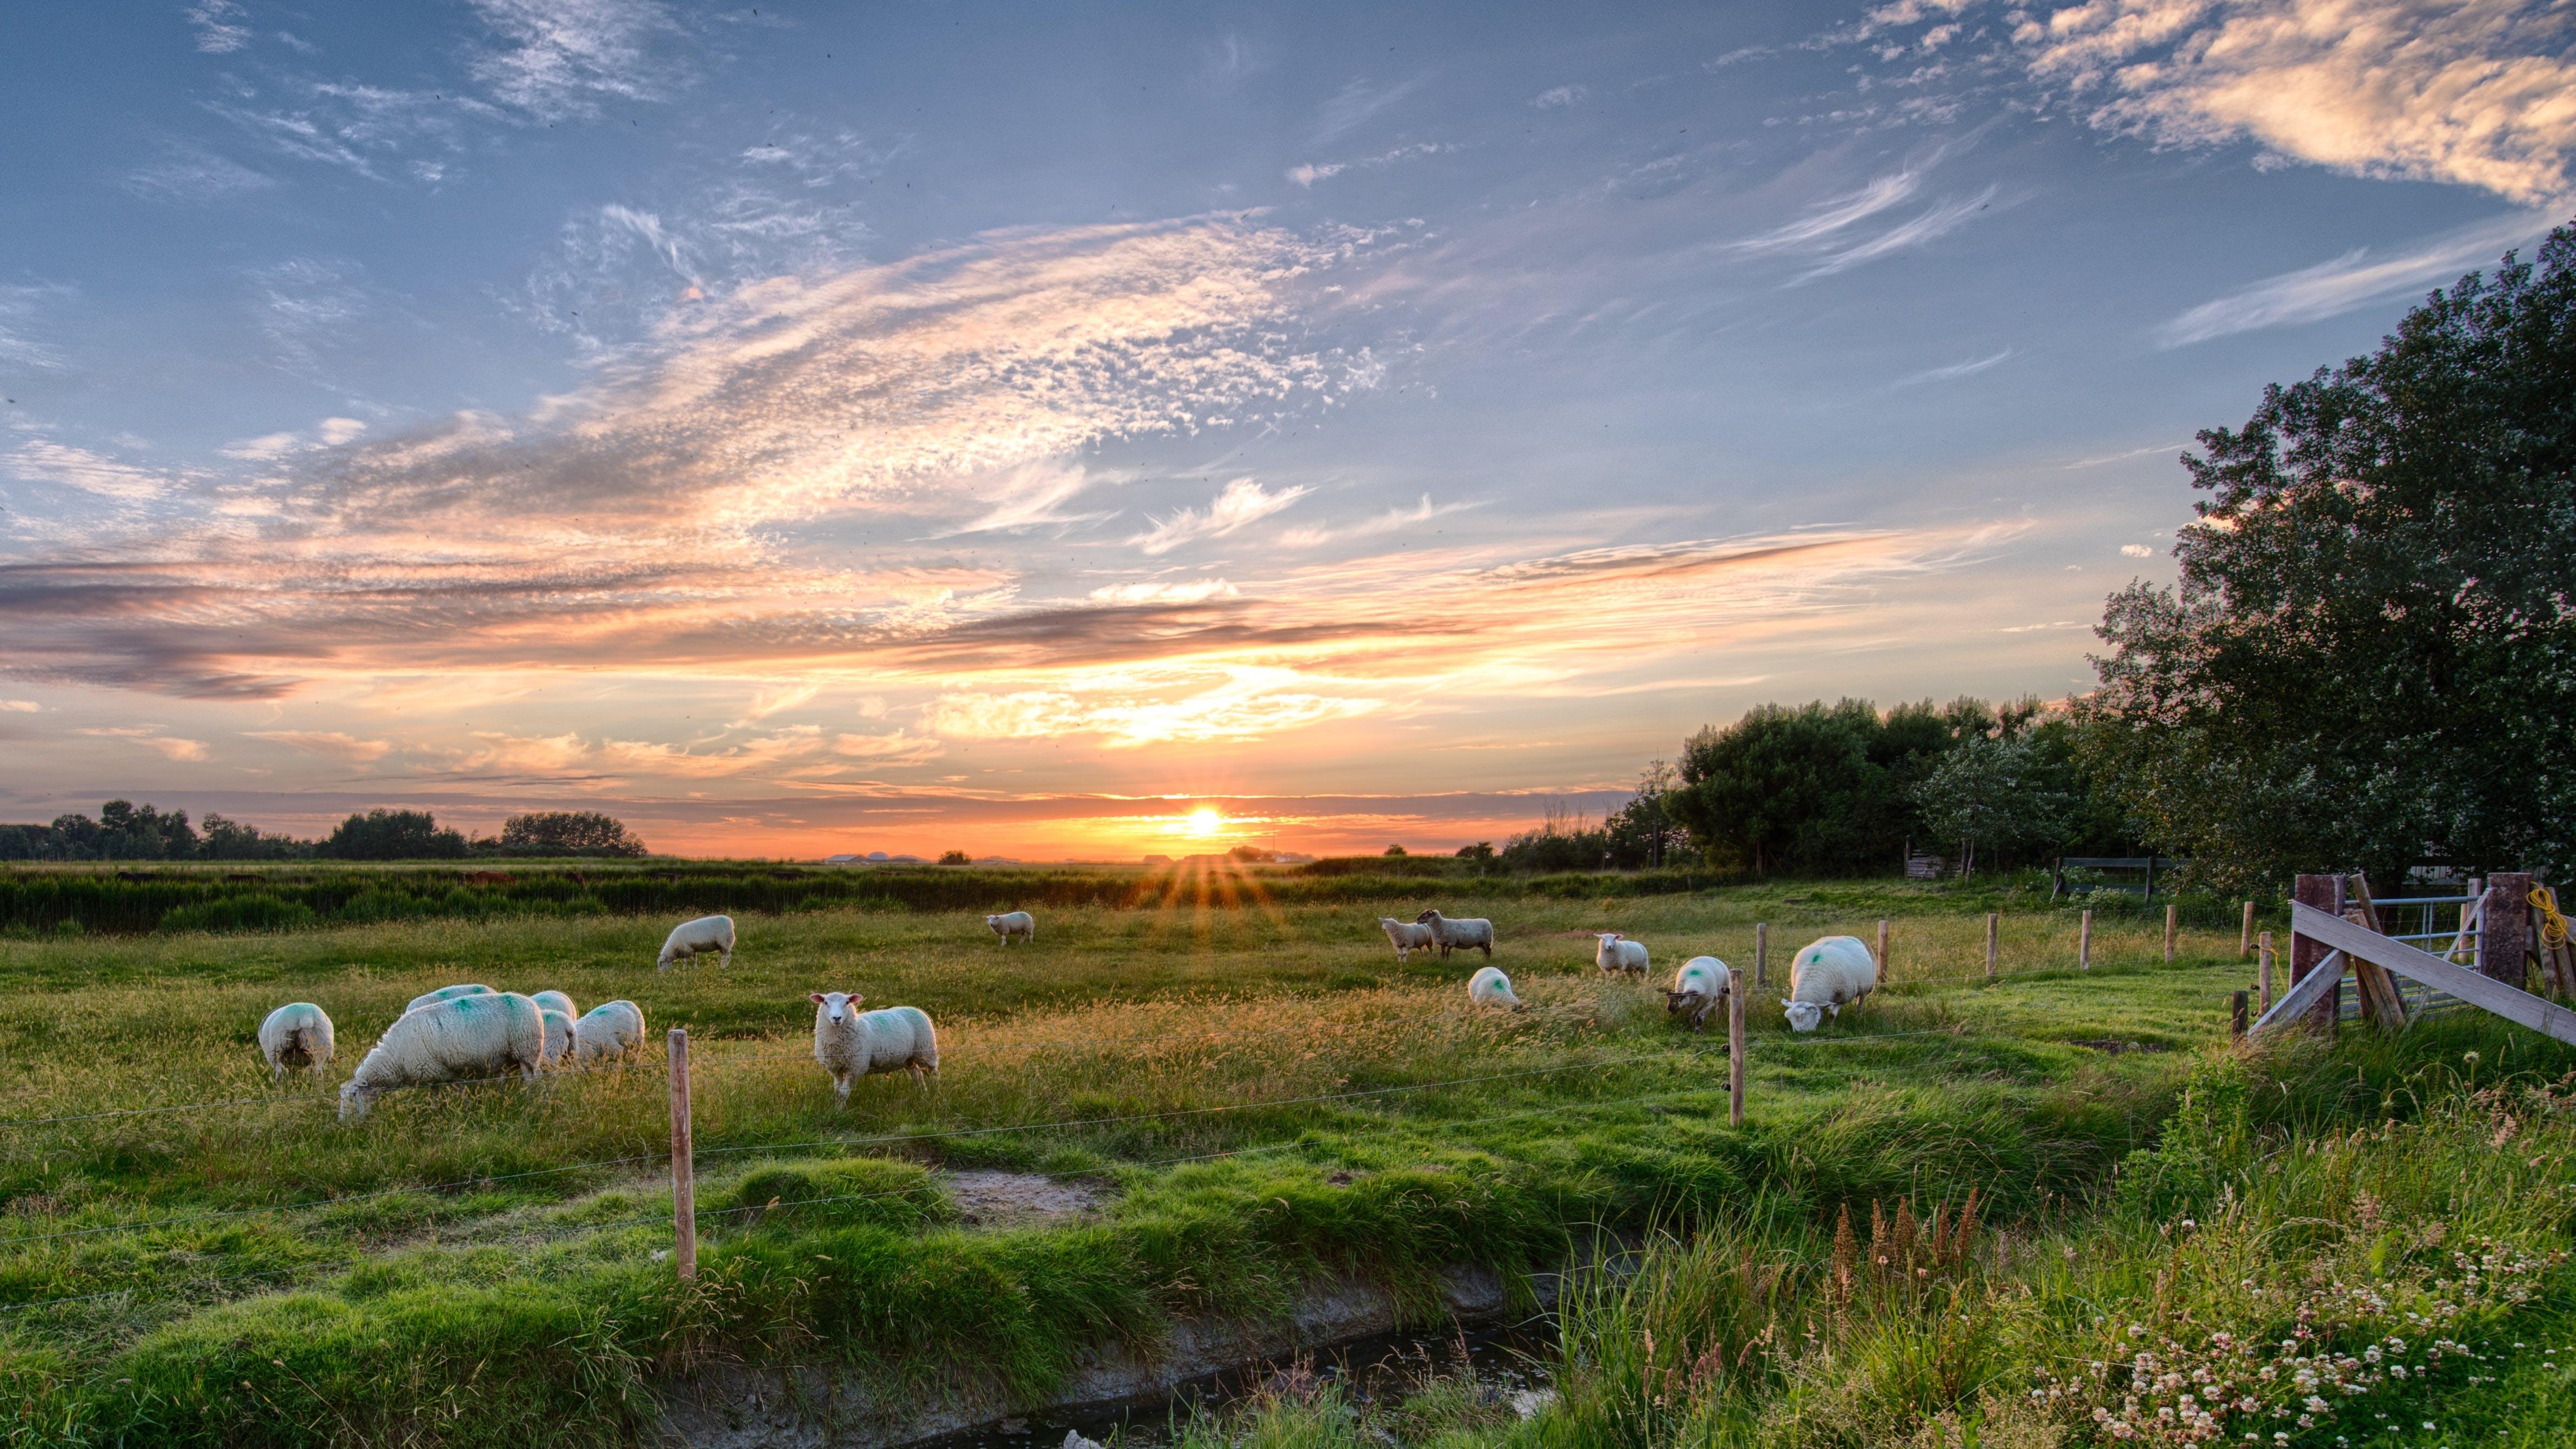 Herd of Sheep on Green Grass Field